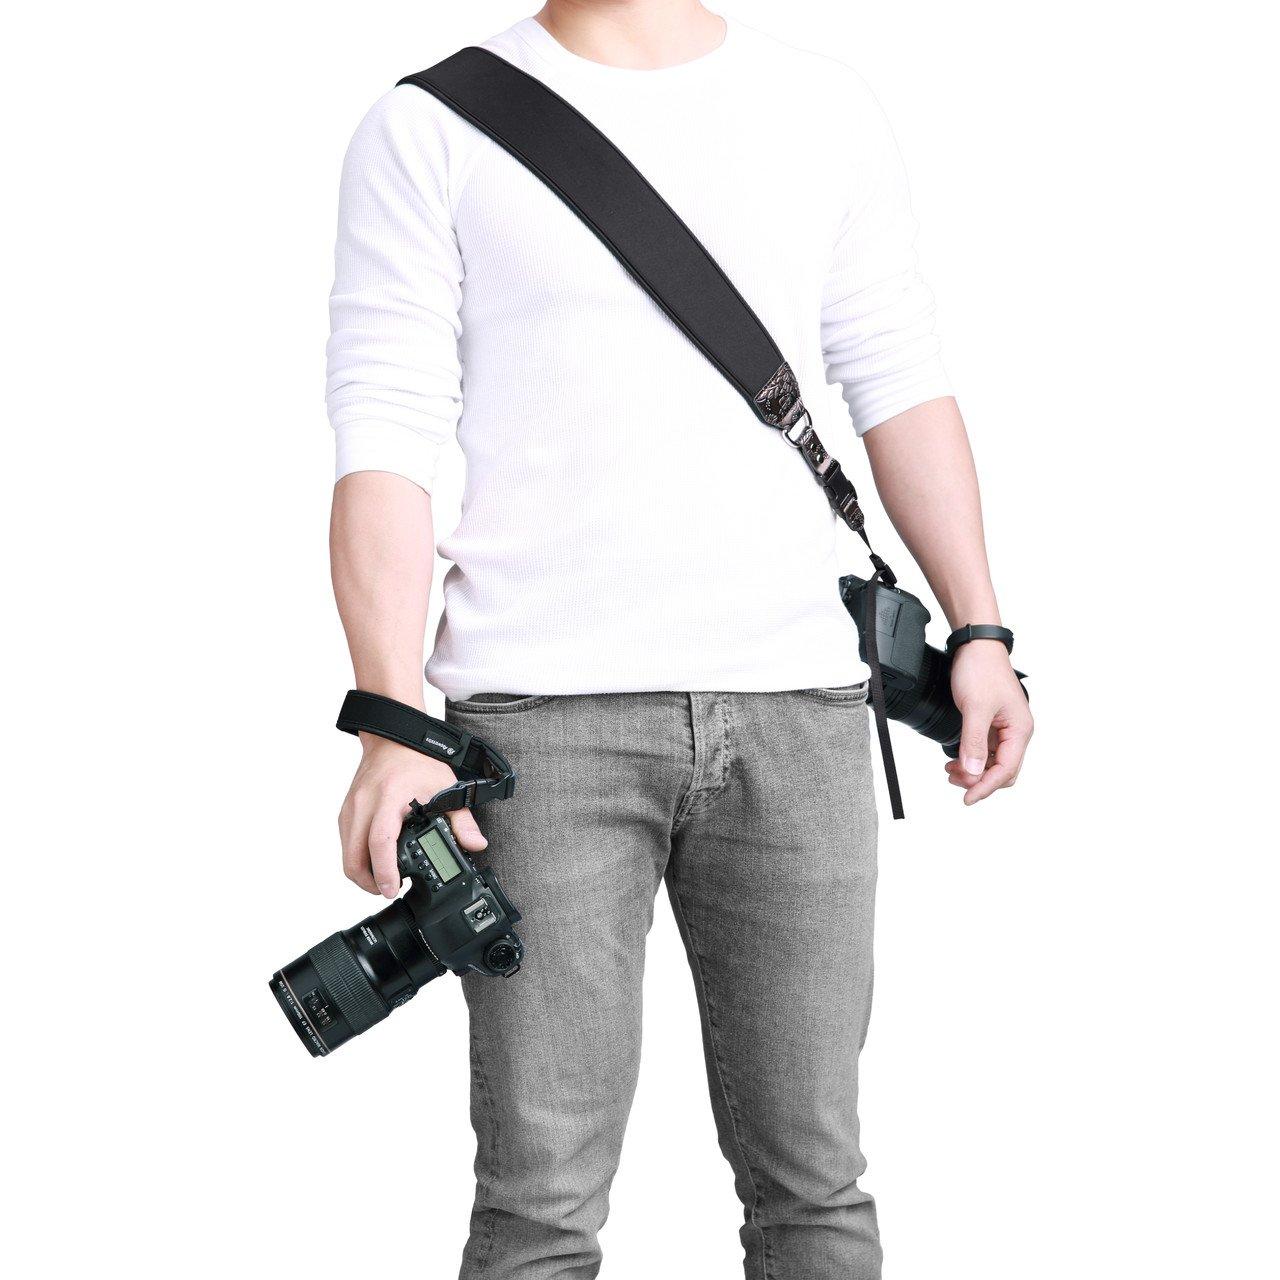 Powerextra 8 en 1 Correa de Muñeca Cámara (con 2 conectores) + Correa para el Hombro (con 4 conectores) Cámara de Neopreno Ajustable Cuello / Correa de Mano Cámara(Canon Nikon Sony Pentax Olympus,etc)